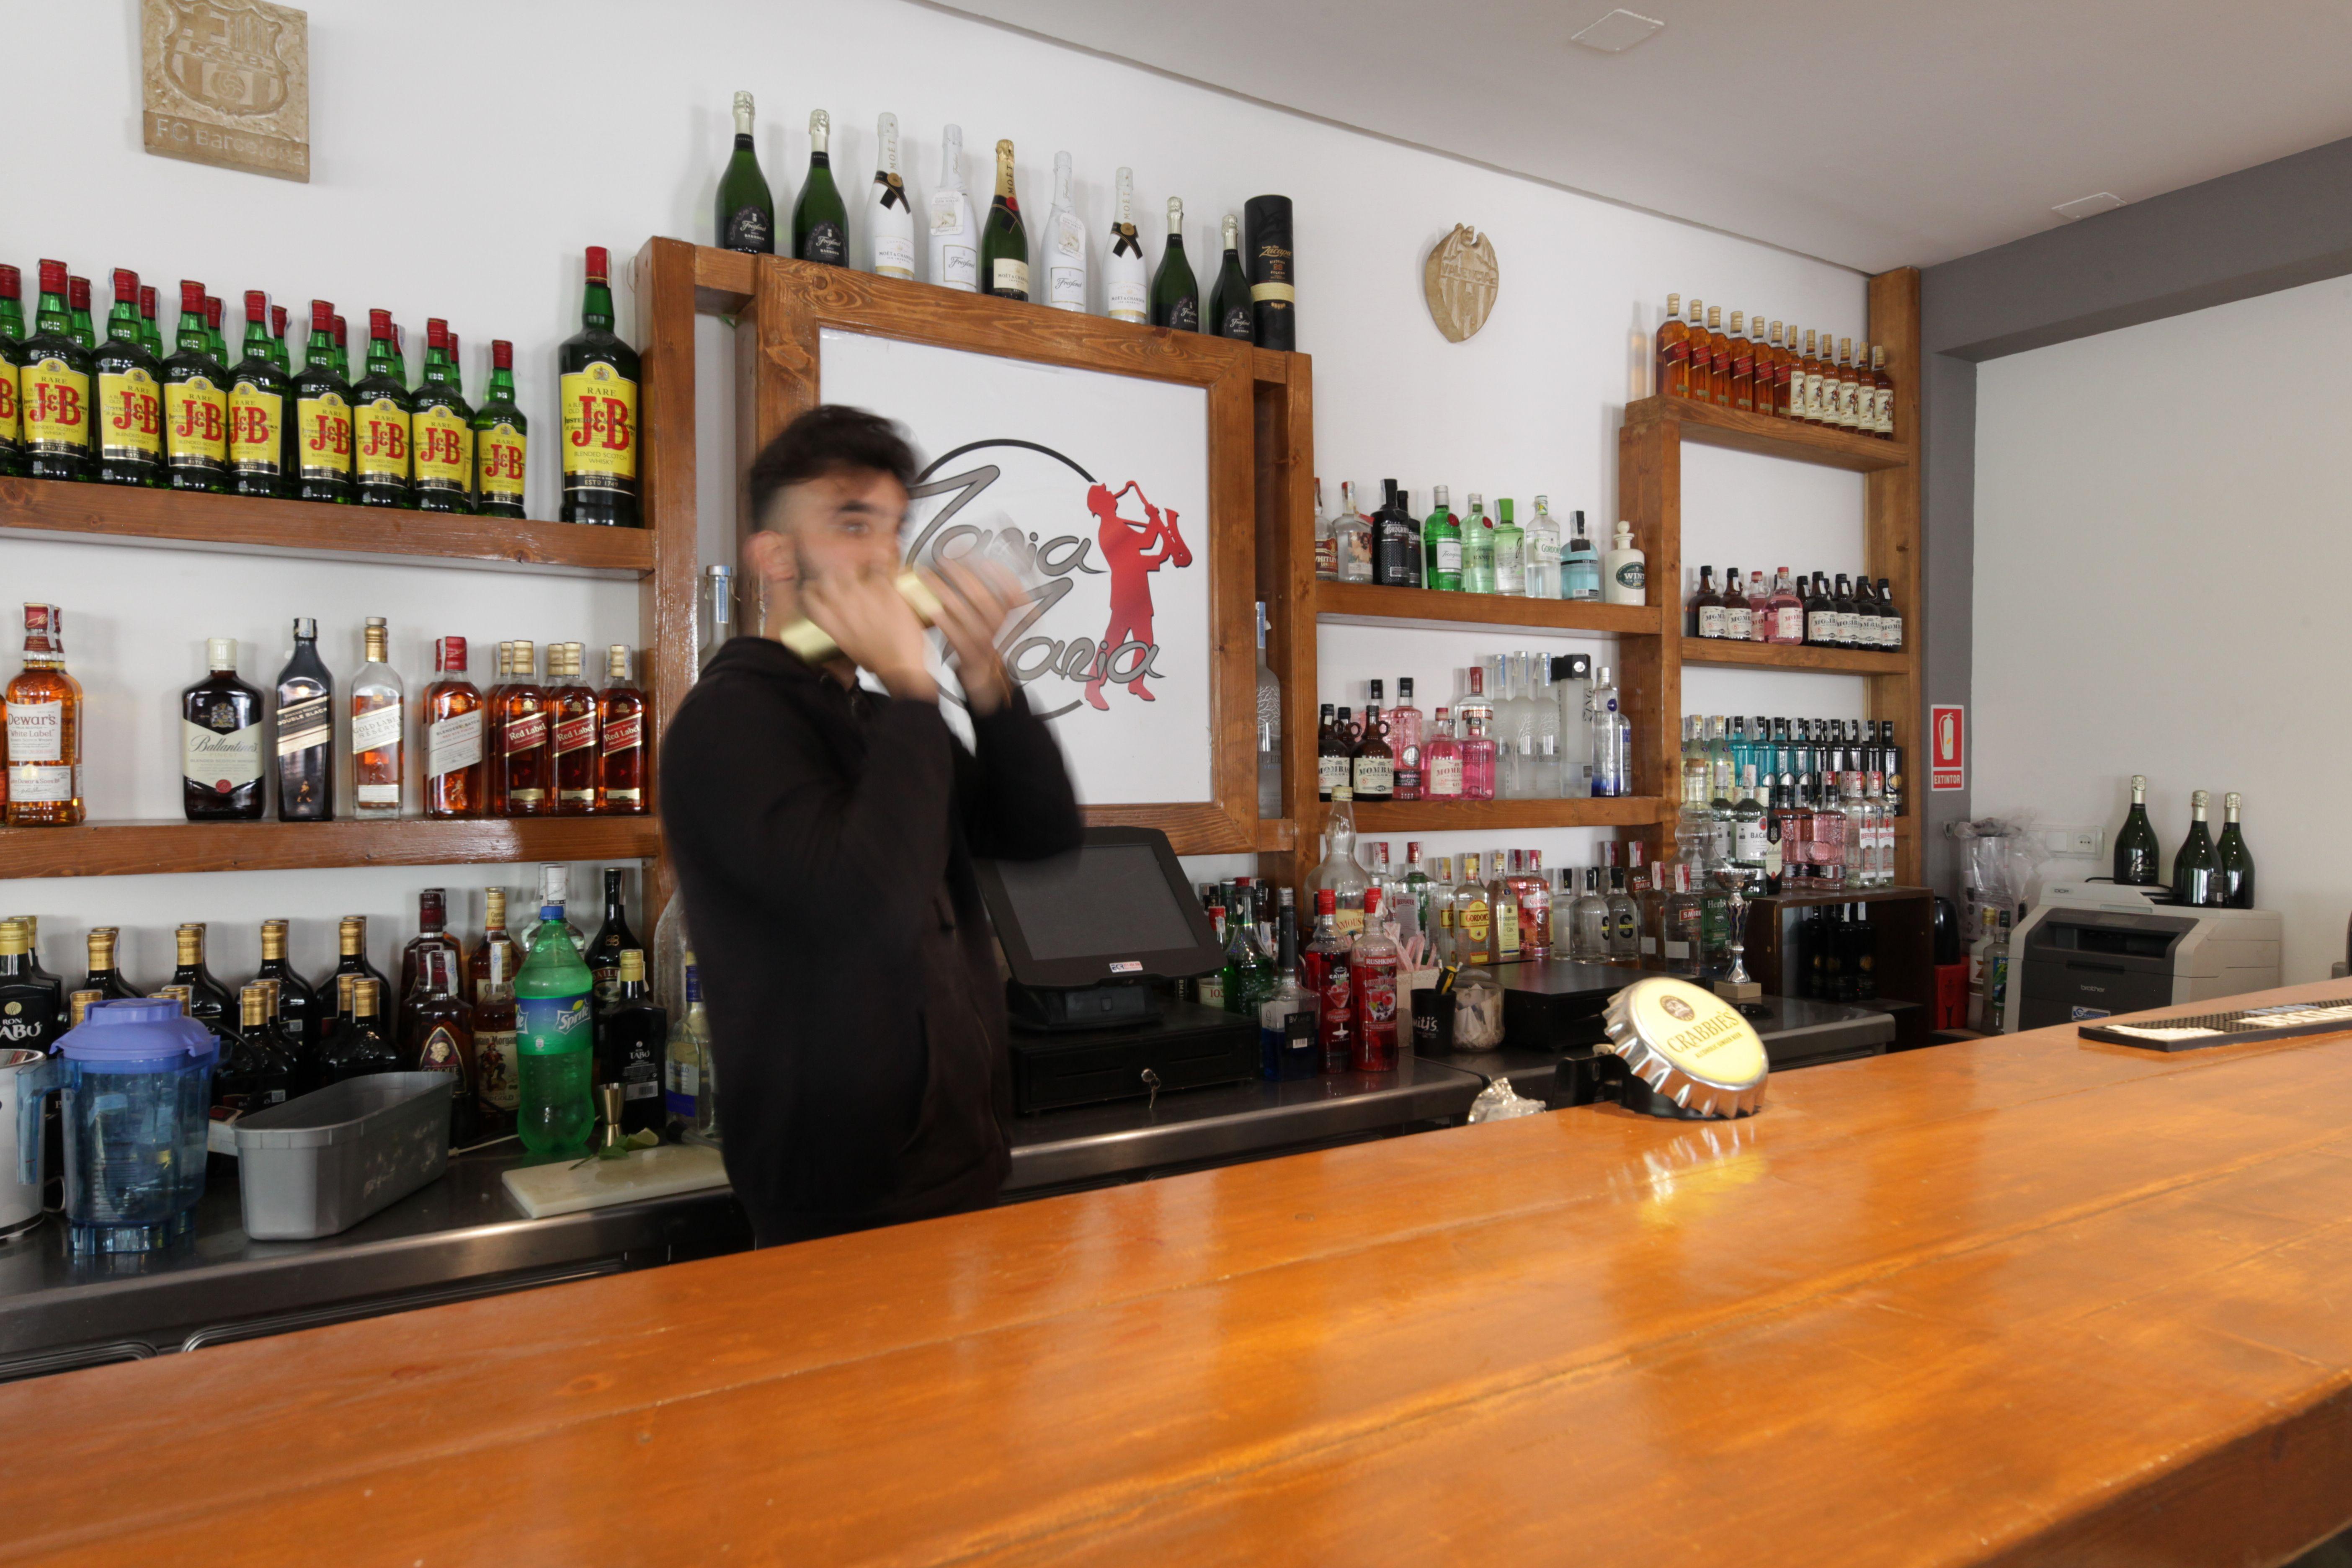 Preparamos exquisitas copas con bebidas de primeras marcas